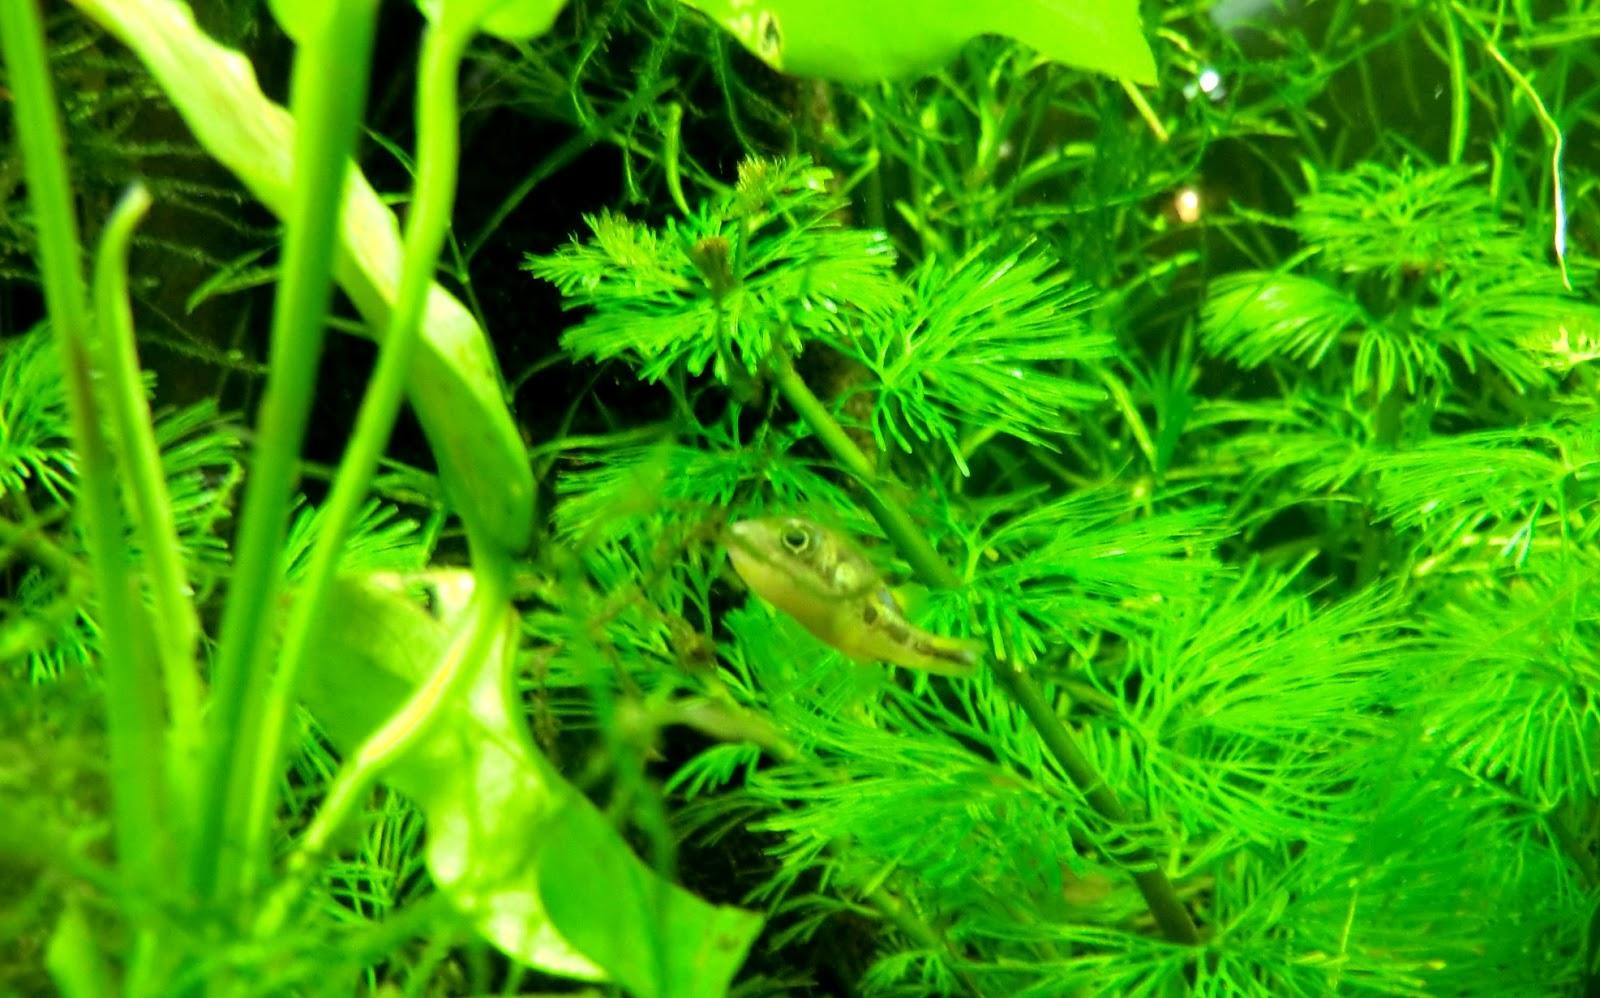 The fishtank dwarf puffer tank 5 gal nano tank for Dwarf puffer fish